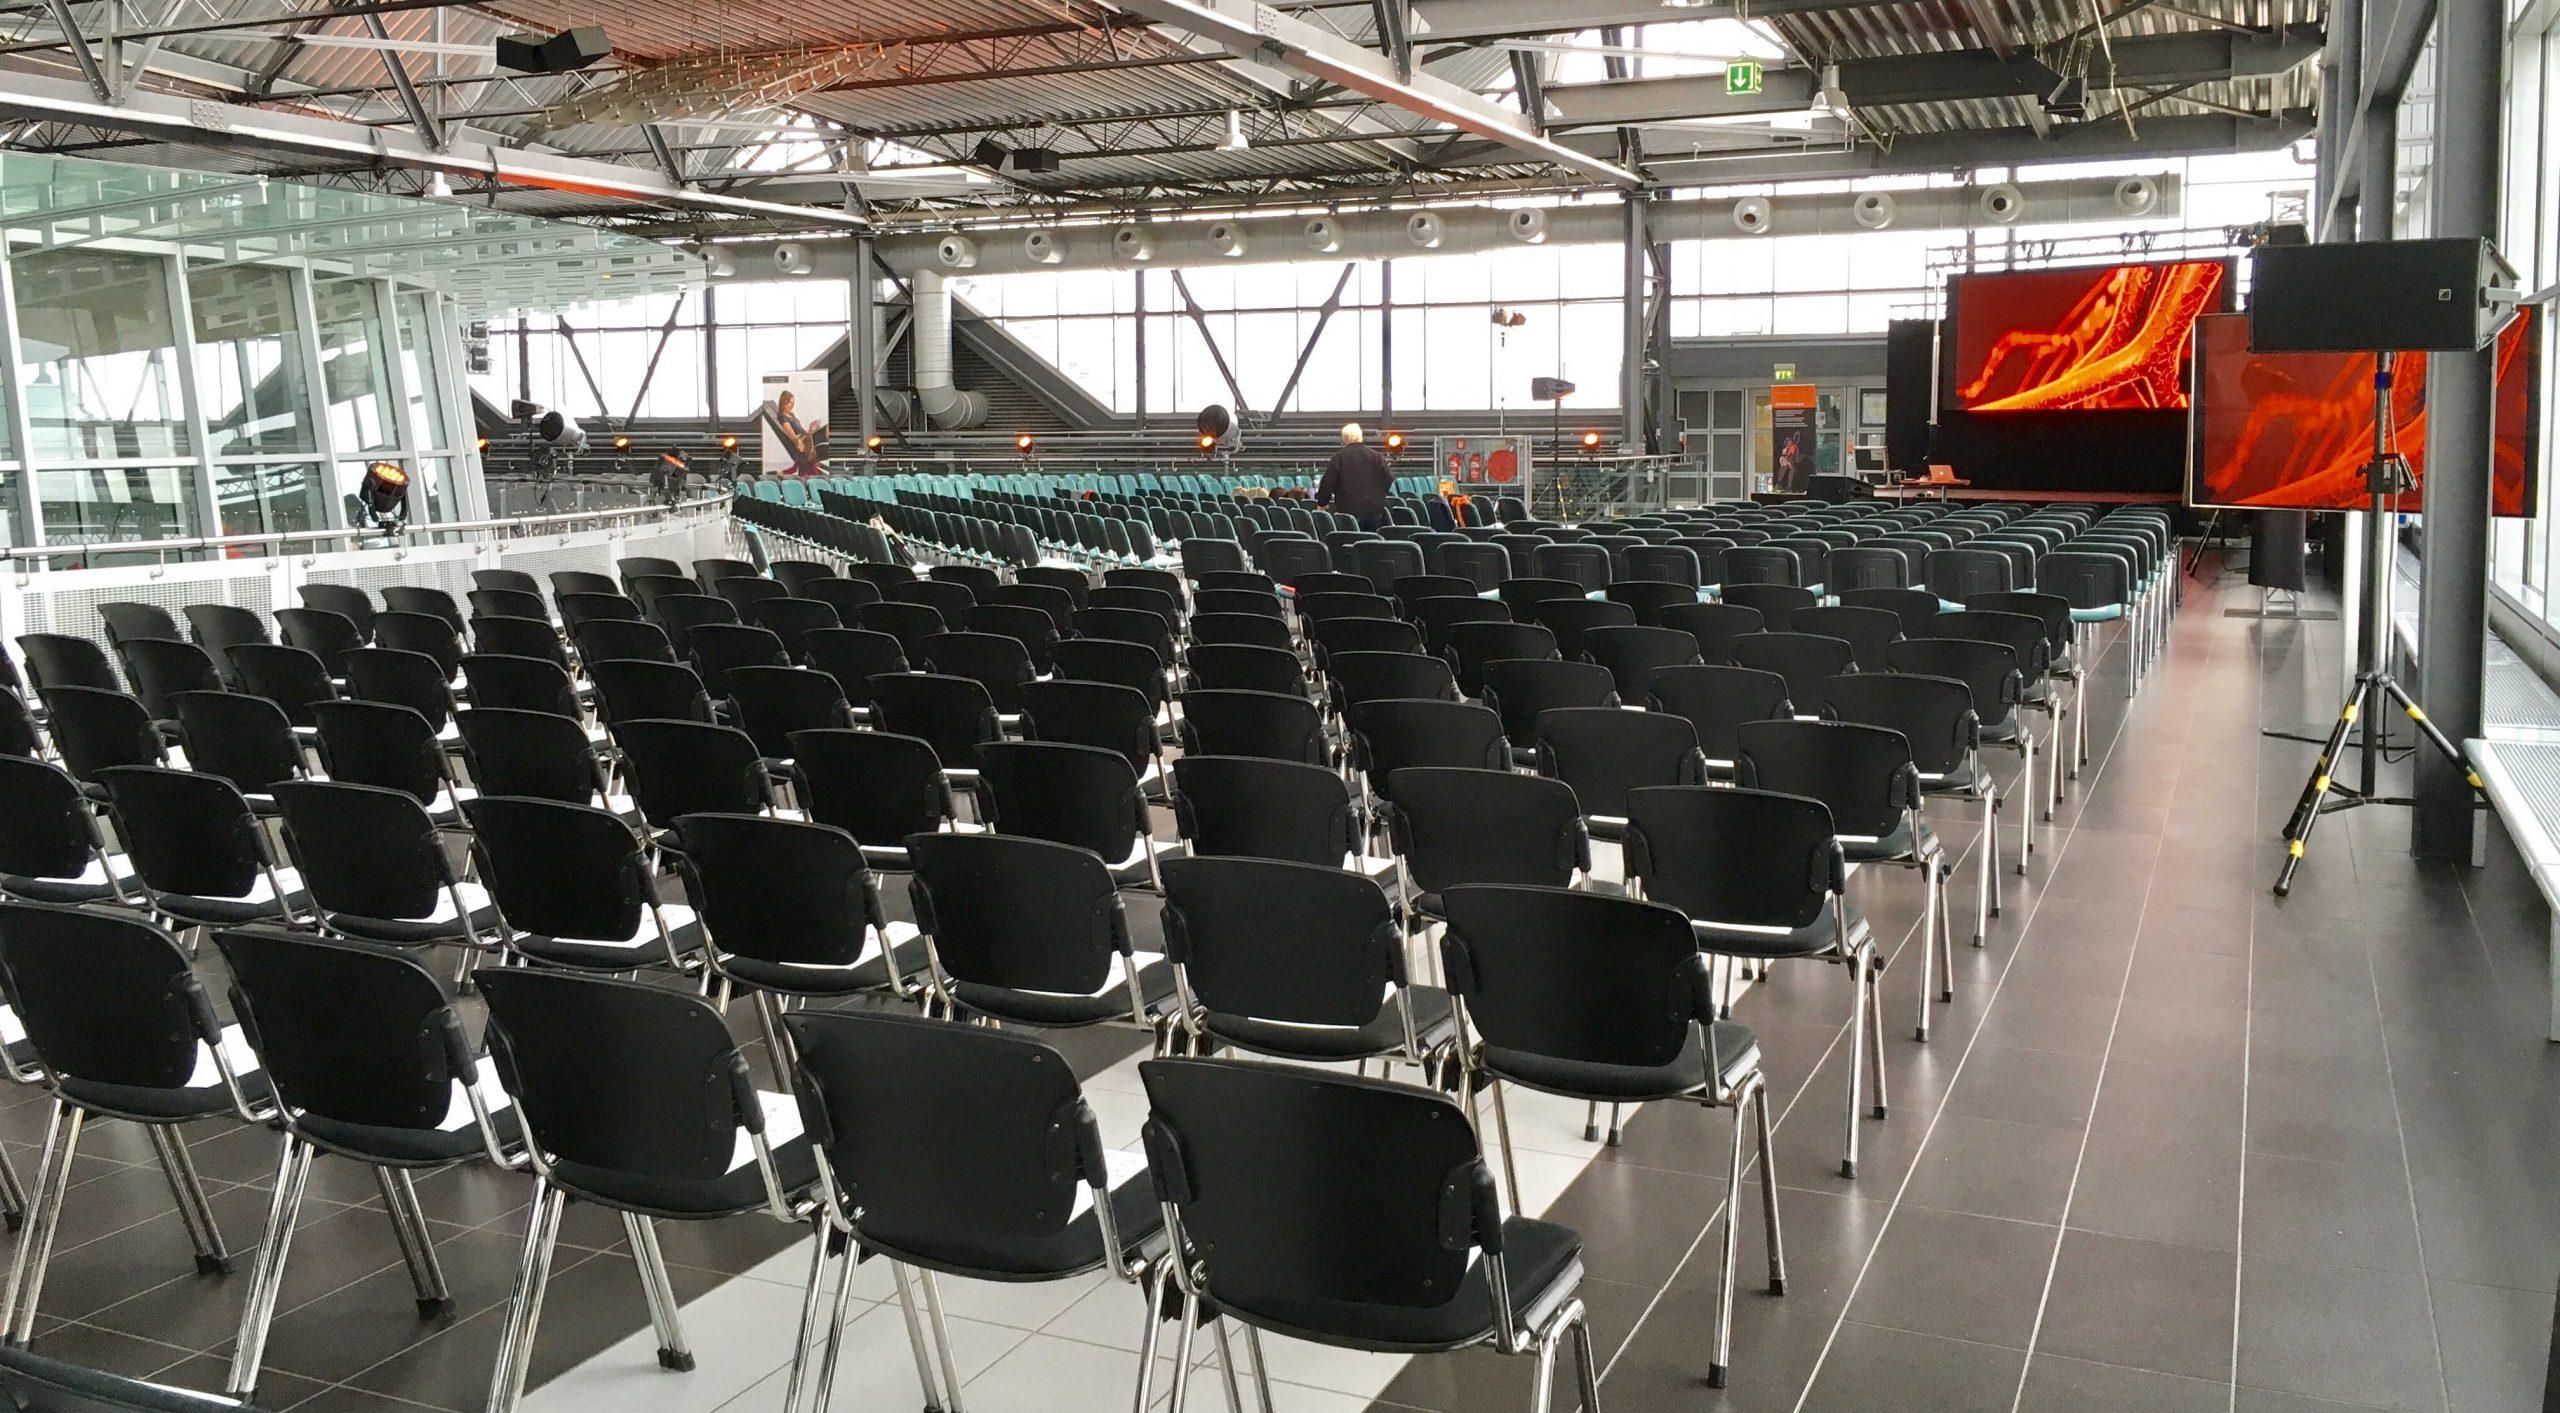 Veranstaltungsfläche Galerieebene auf dem Flughafen Dresden